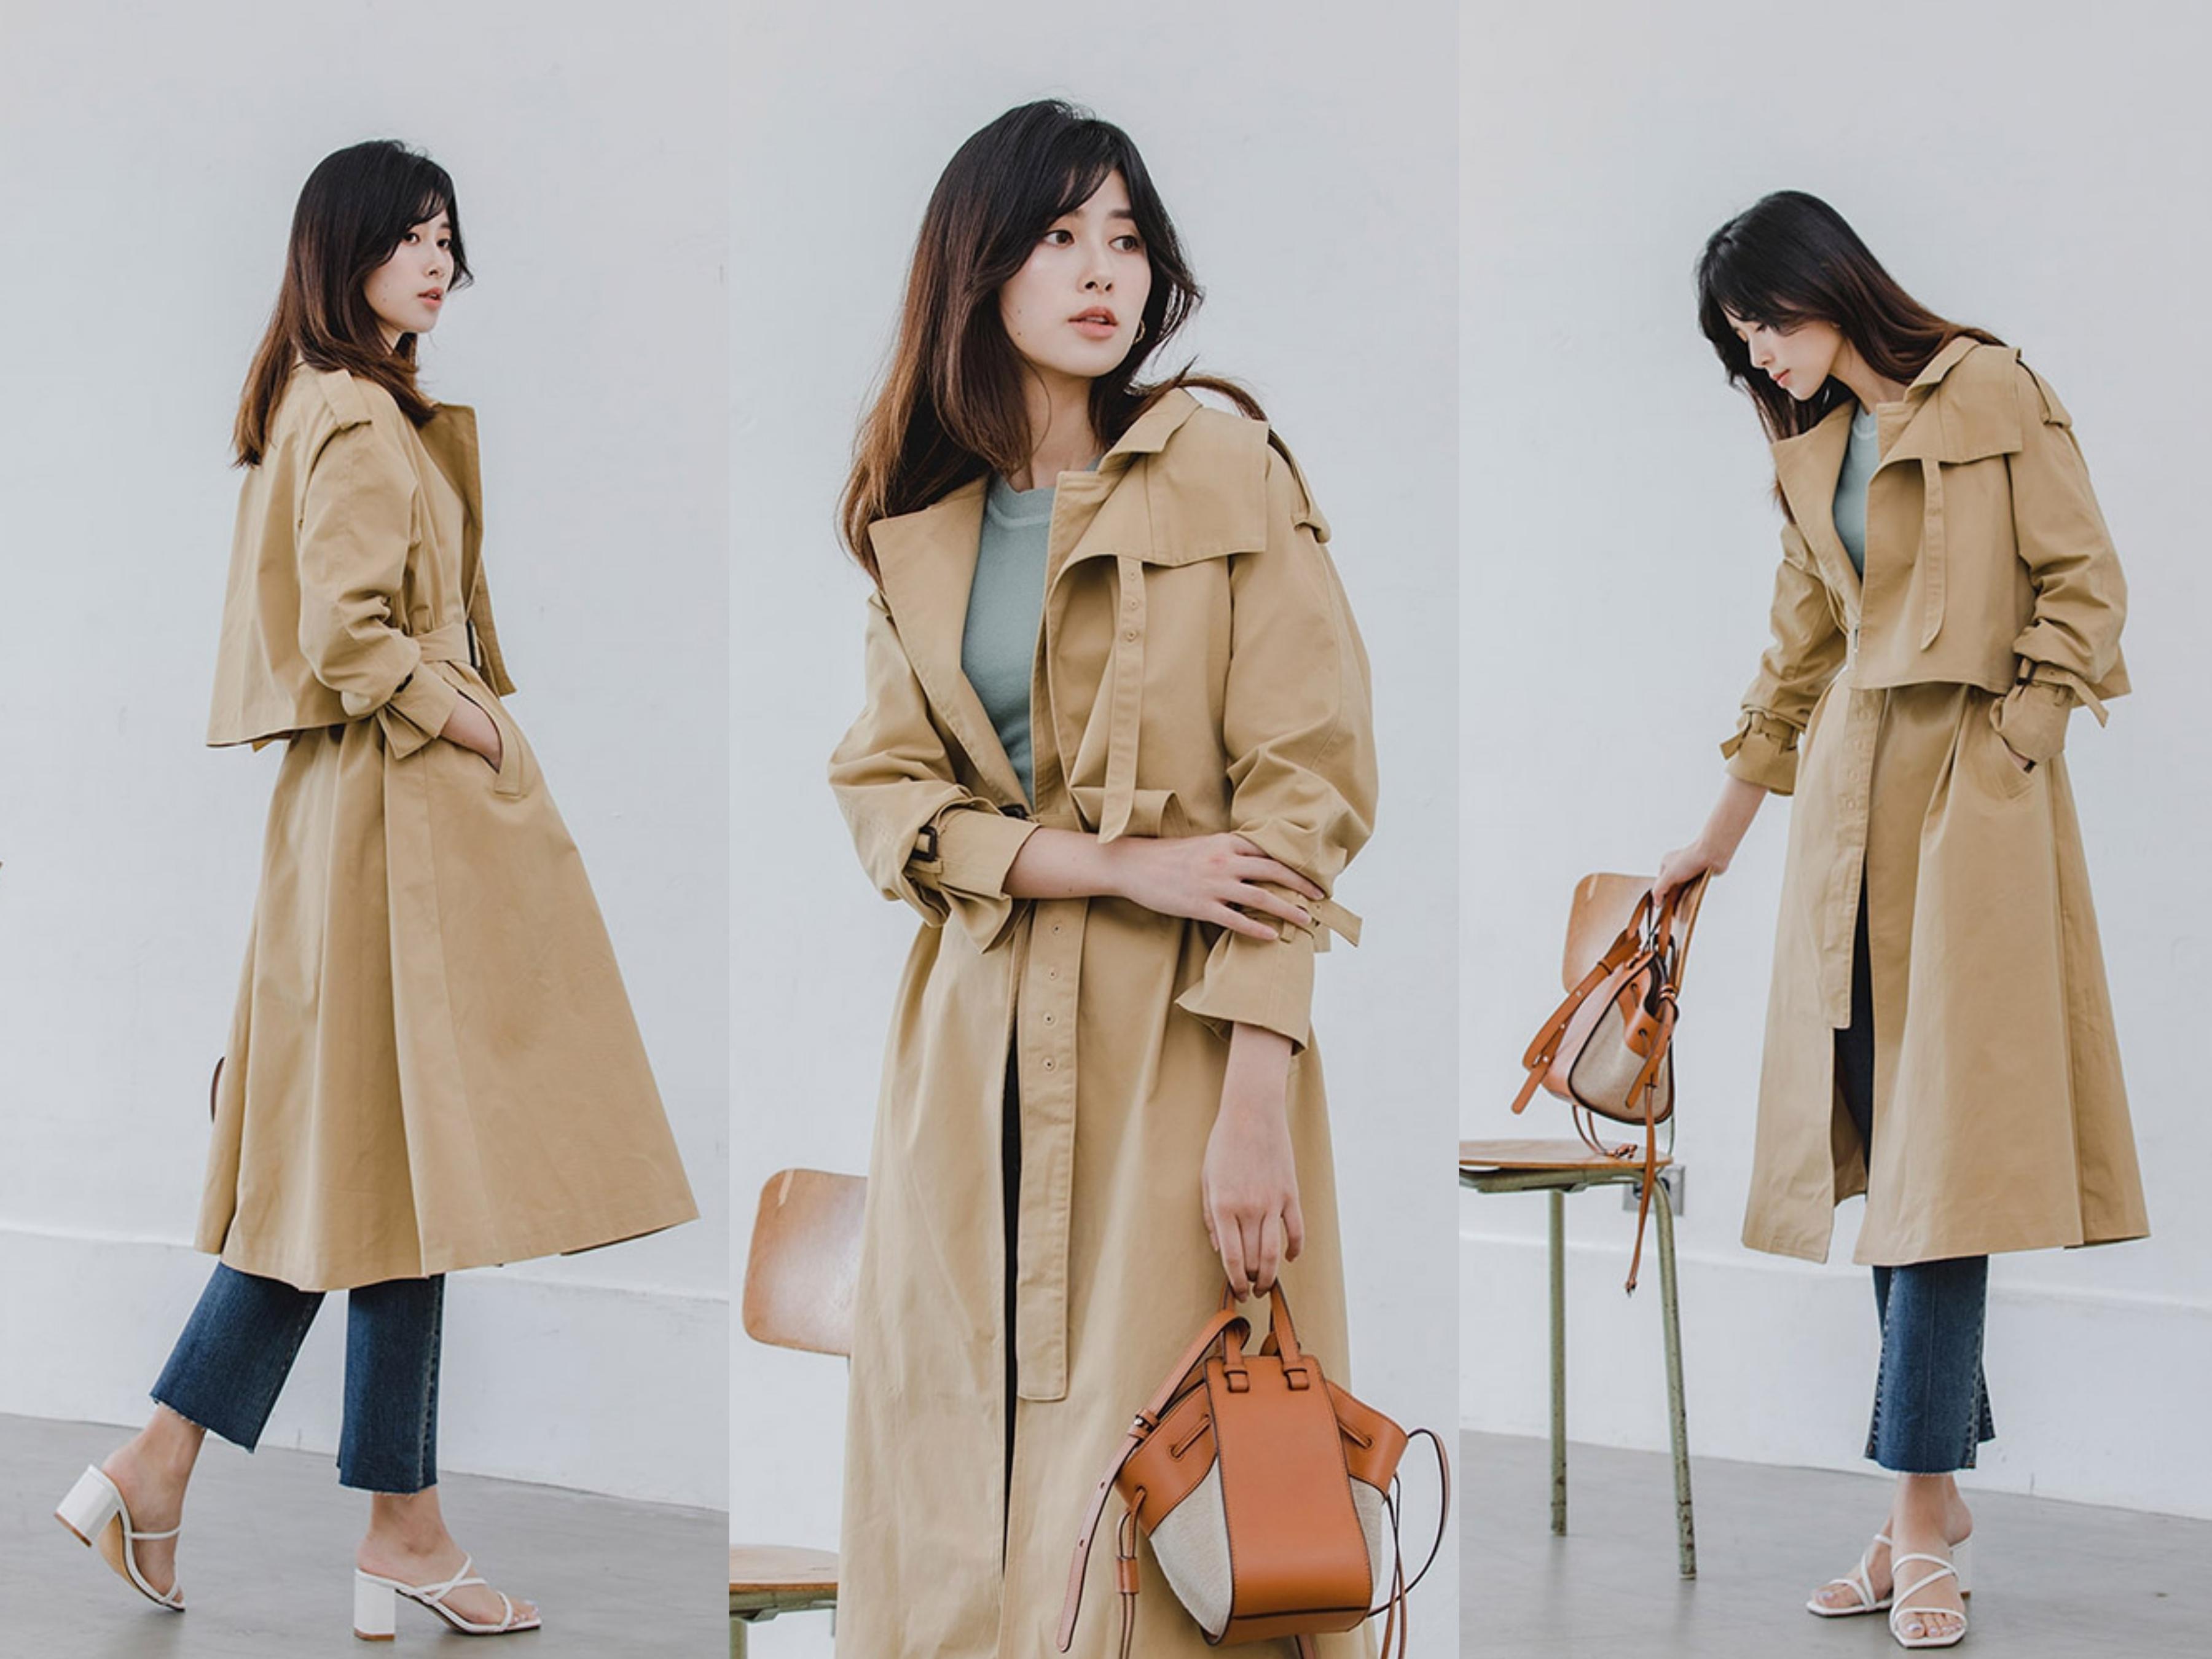 秋冬必備長版風衣外套,俐落剪裁提升穿著立體度